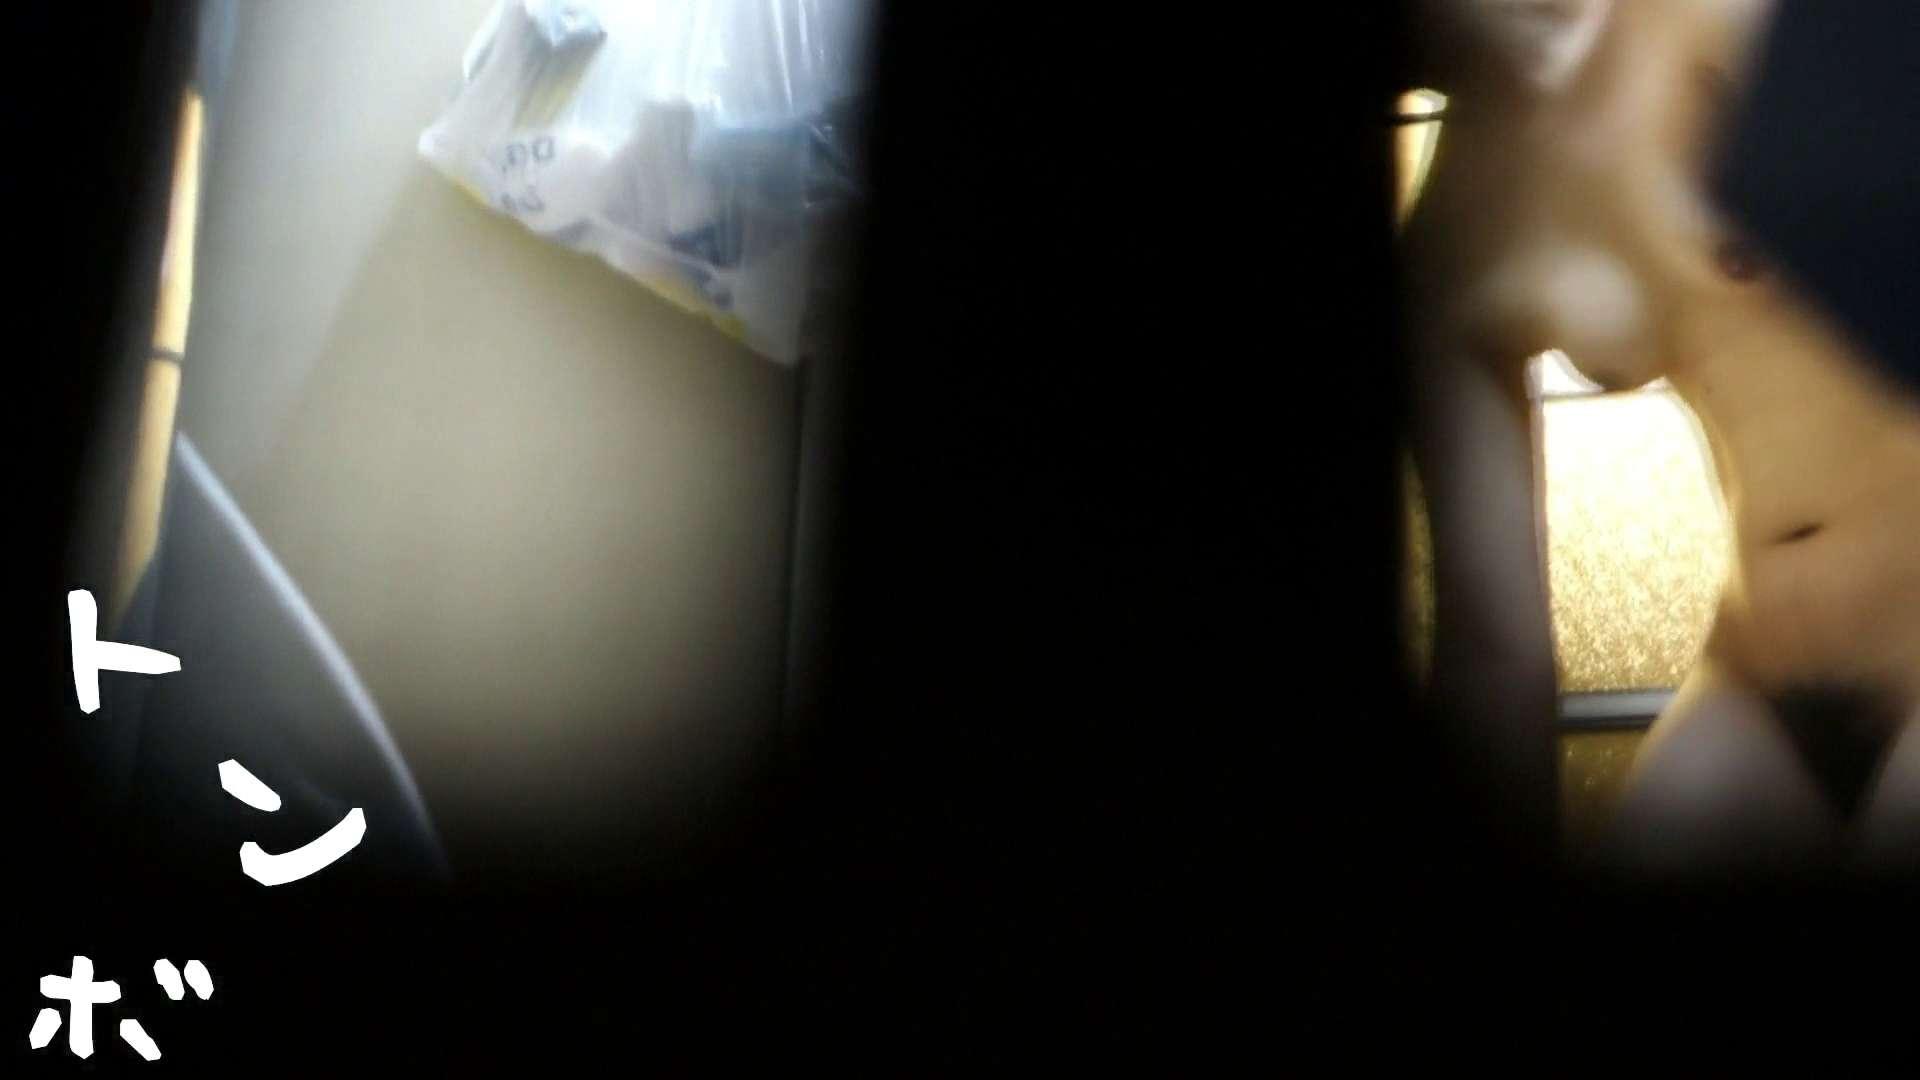 リアル盗撮 新垣結依似!現役女子大生の私生活 潜入 盗み撮りSEX無修正画像 97pic 88